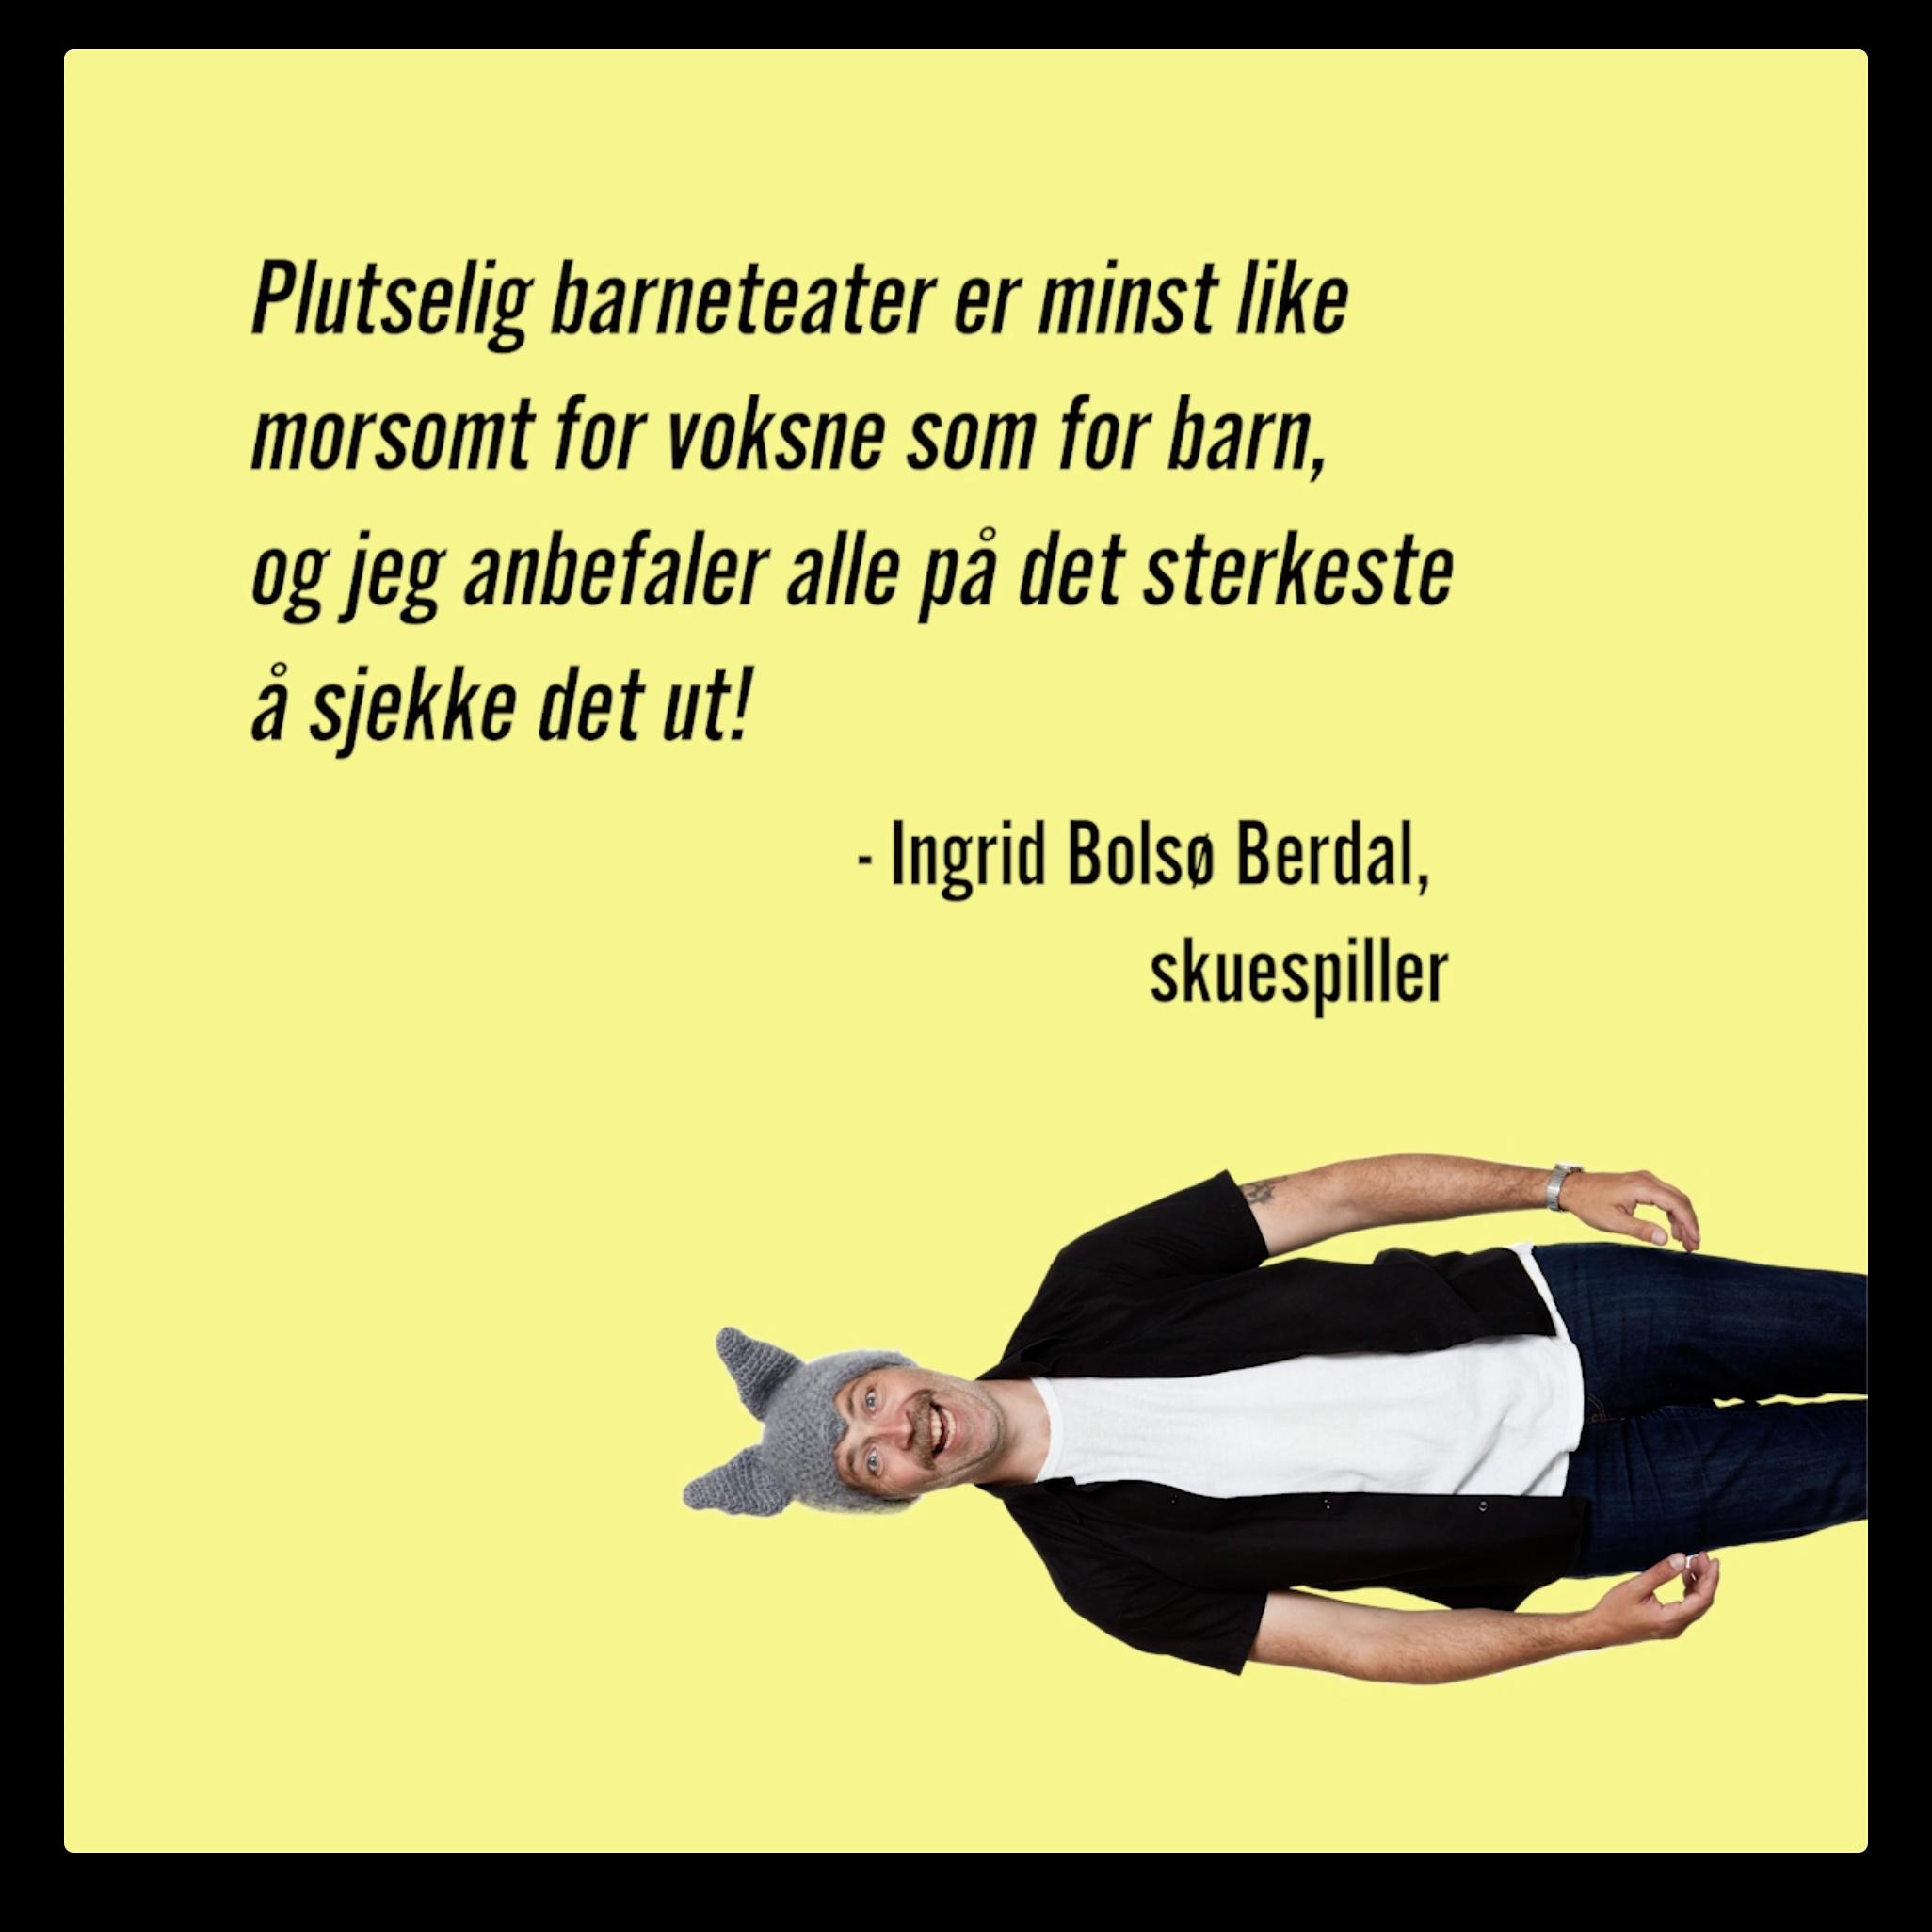 Skjermbilde 2019-06-18 kl. 16.17.45.png